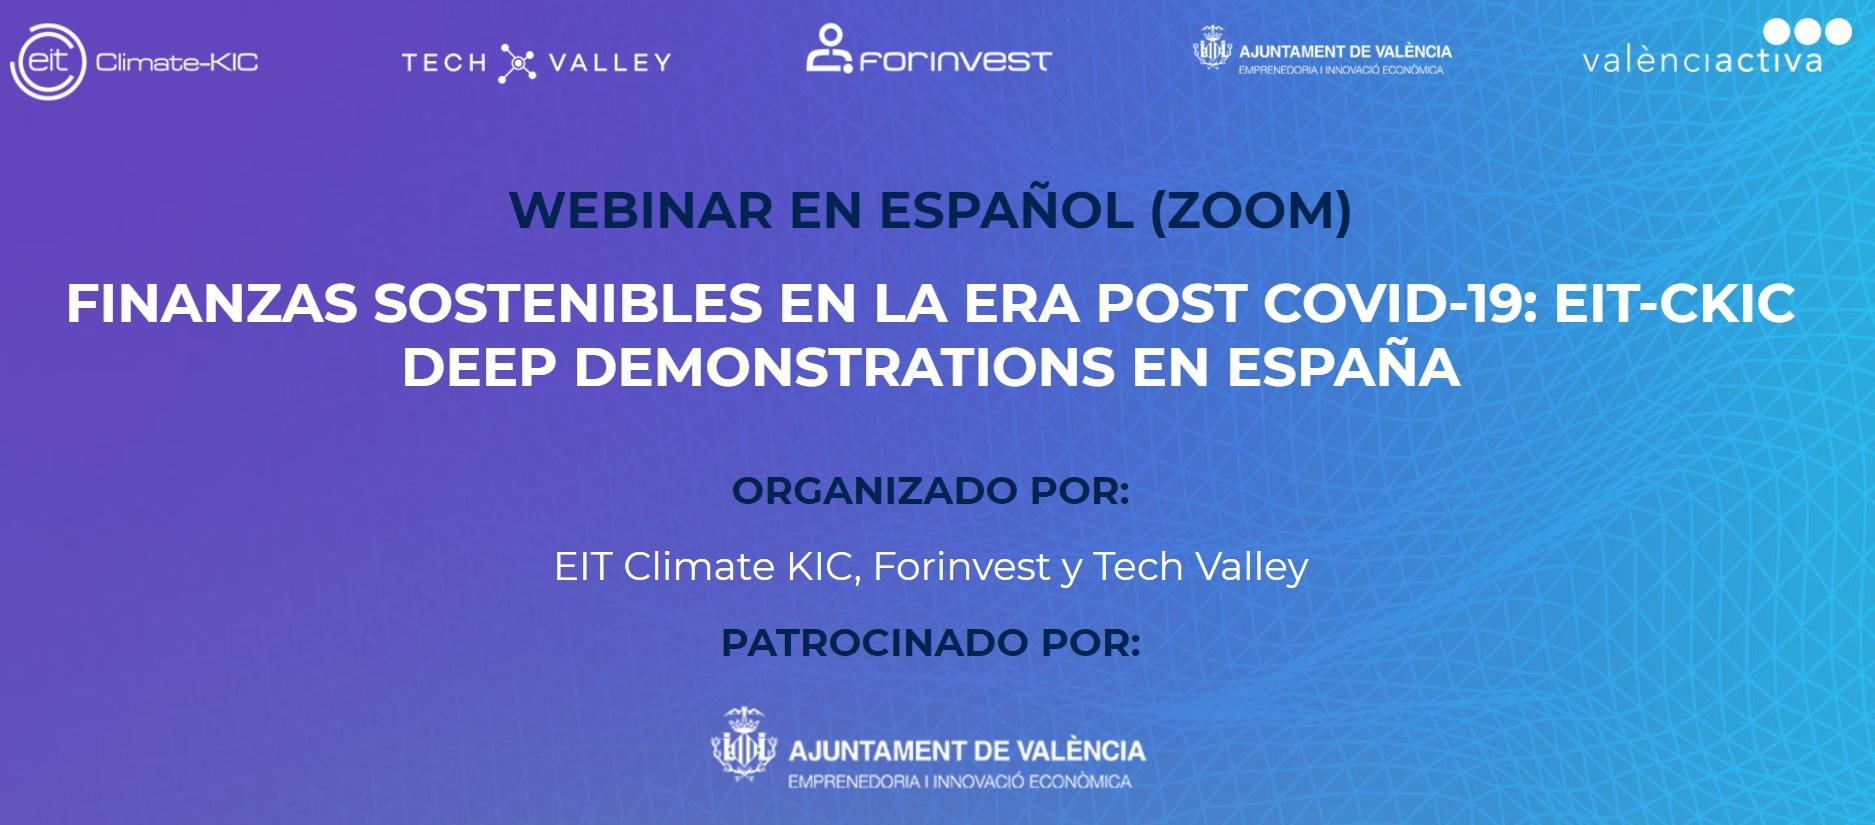 FINANZAS SOSTENIBLES EN LA ERA POST COVID-19: EIT-CKIC DEEP DEMONSTRATIONS EN ESPAÑA